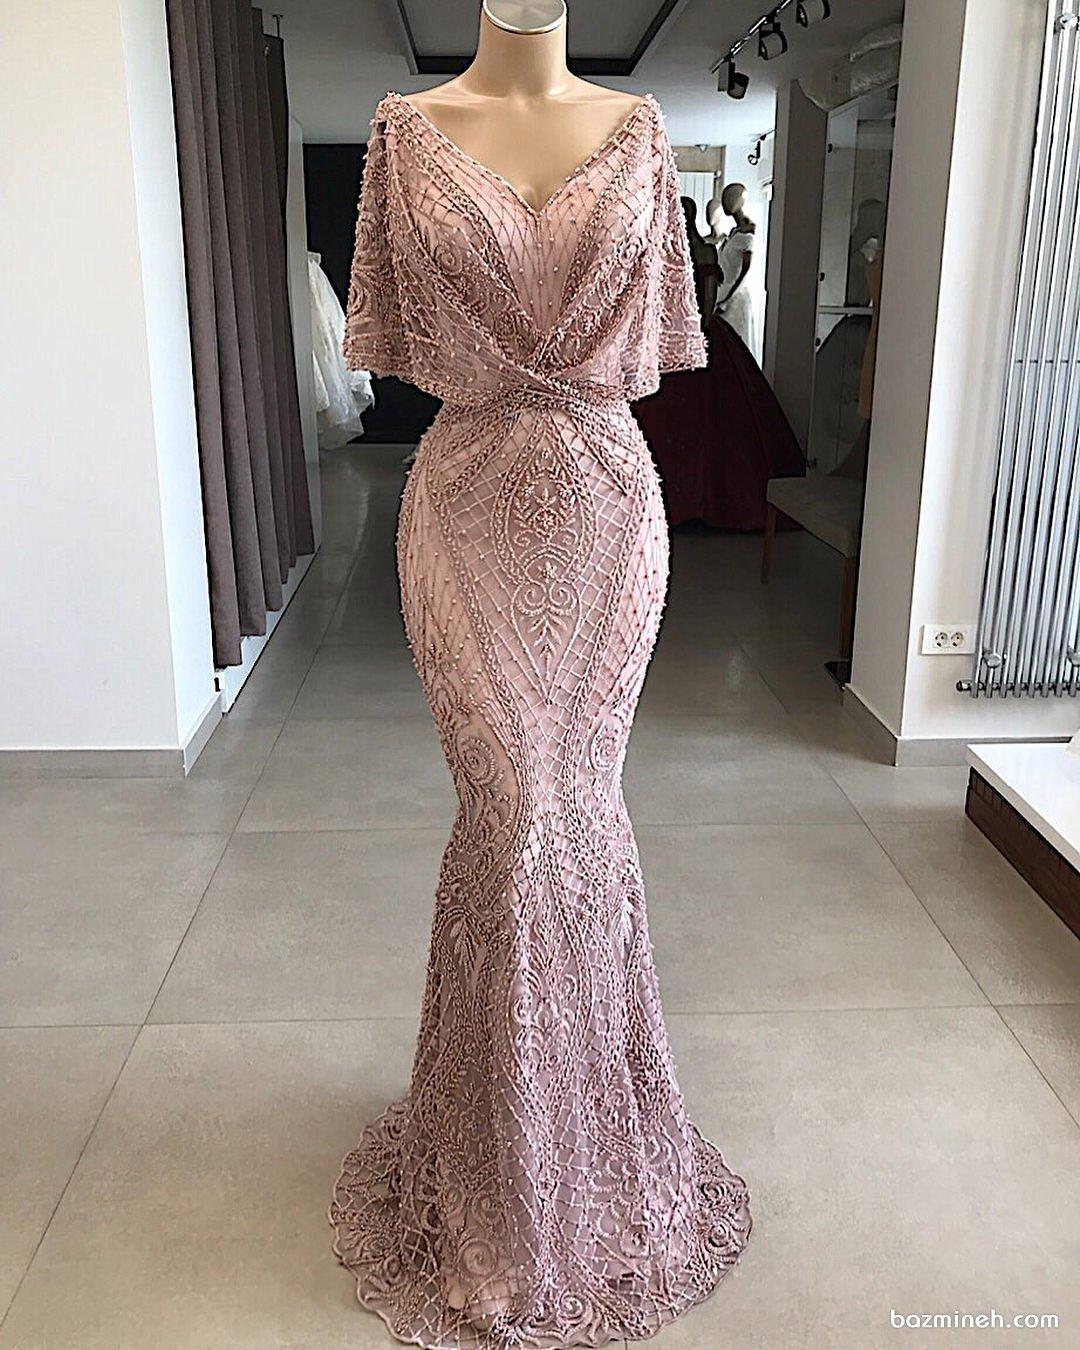 مدل زیبای لباس شب زنانه صورتی رنگ مروارید دوزی شده با یقه هفت باز و دامن مدل ماهی مناسب برای ساقدوش های عروس